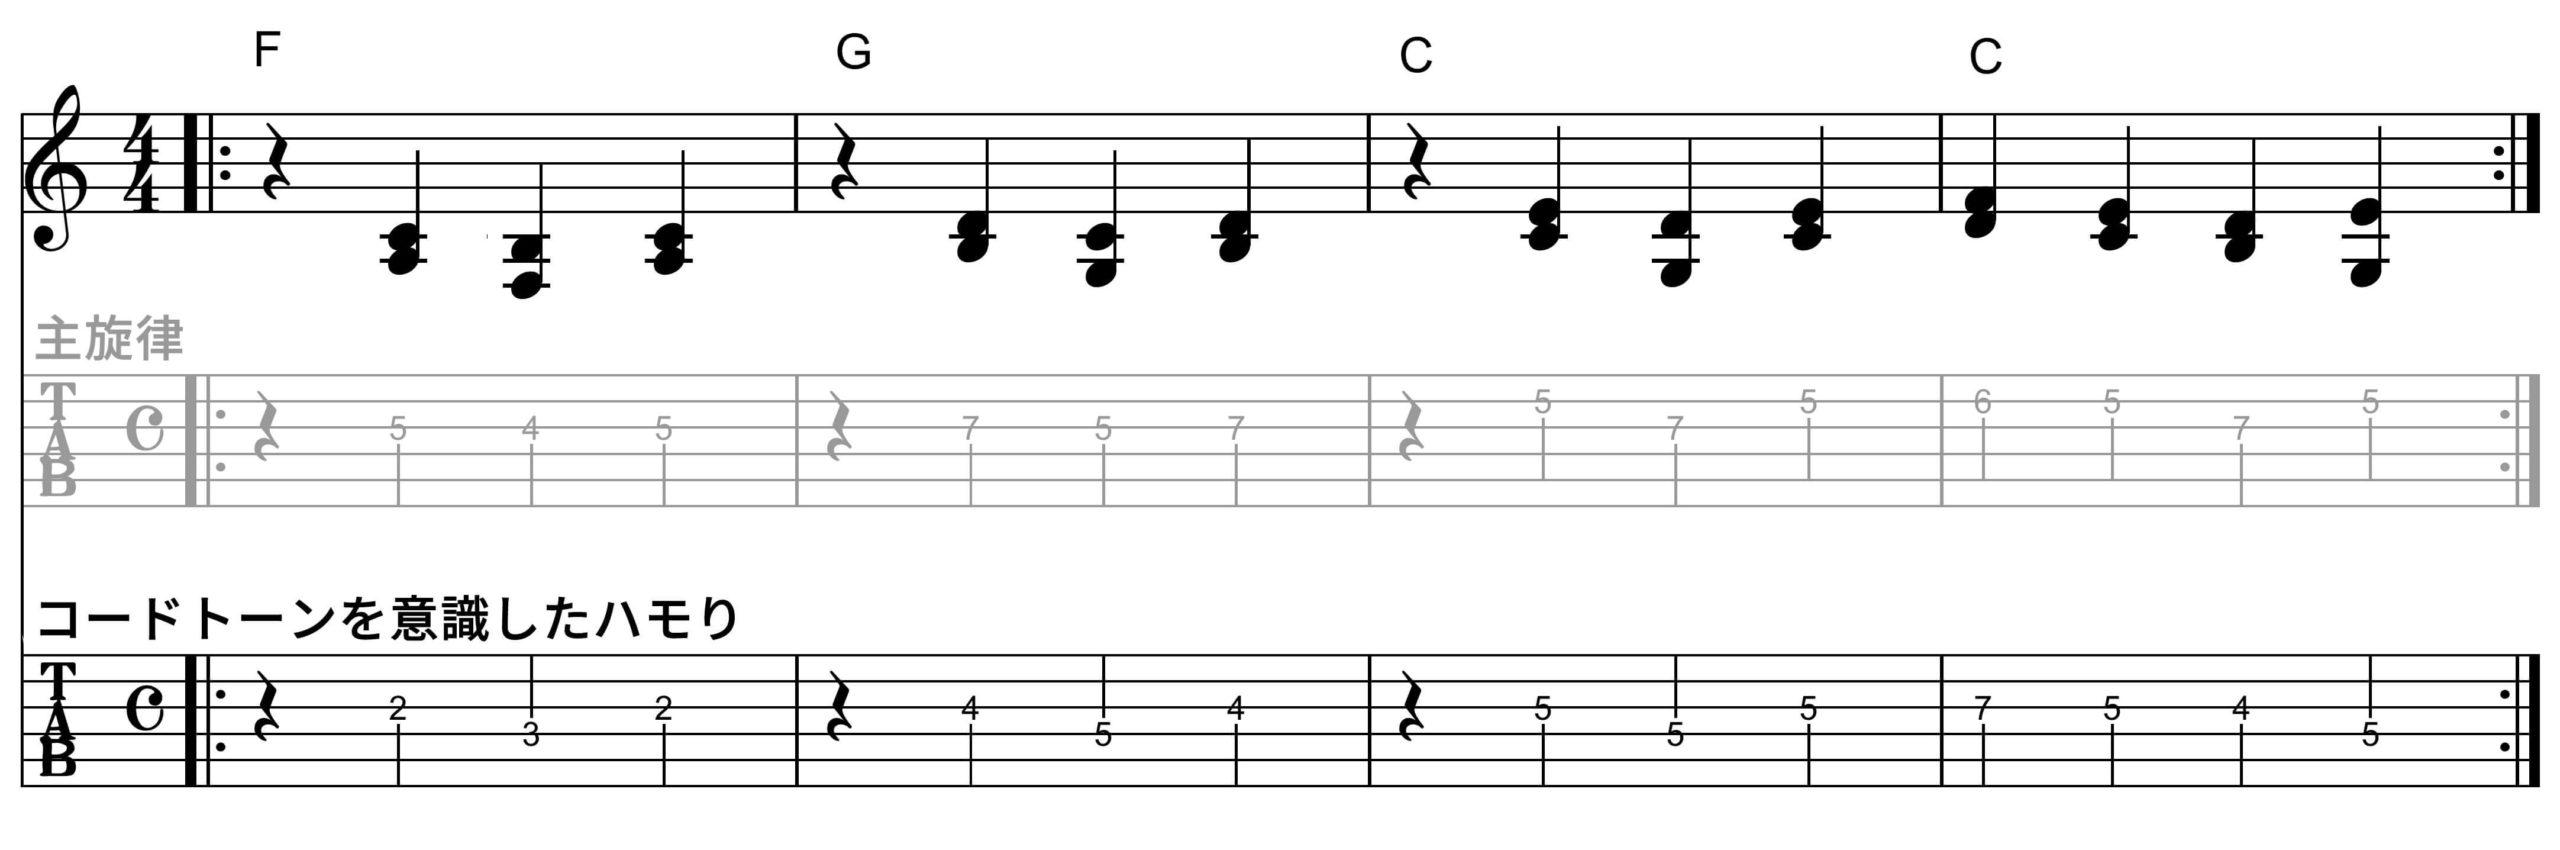 ハモりギターソロ:Tab譜3